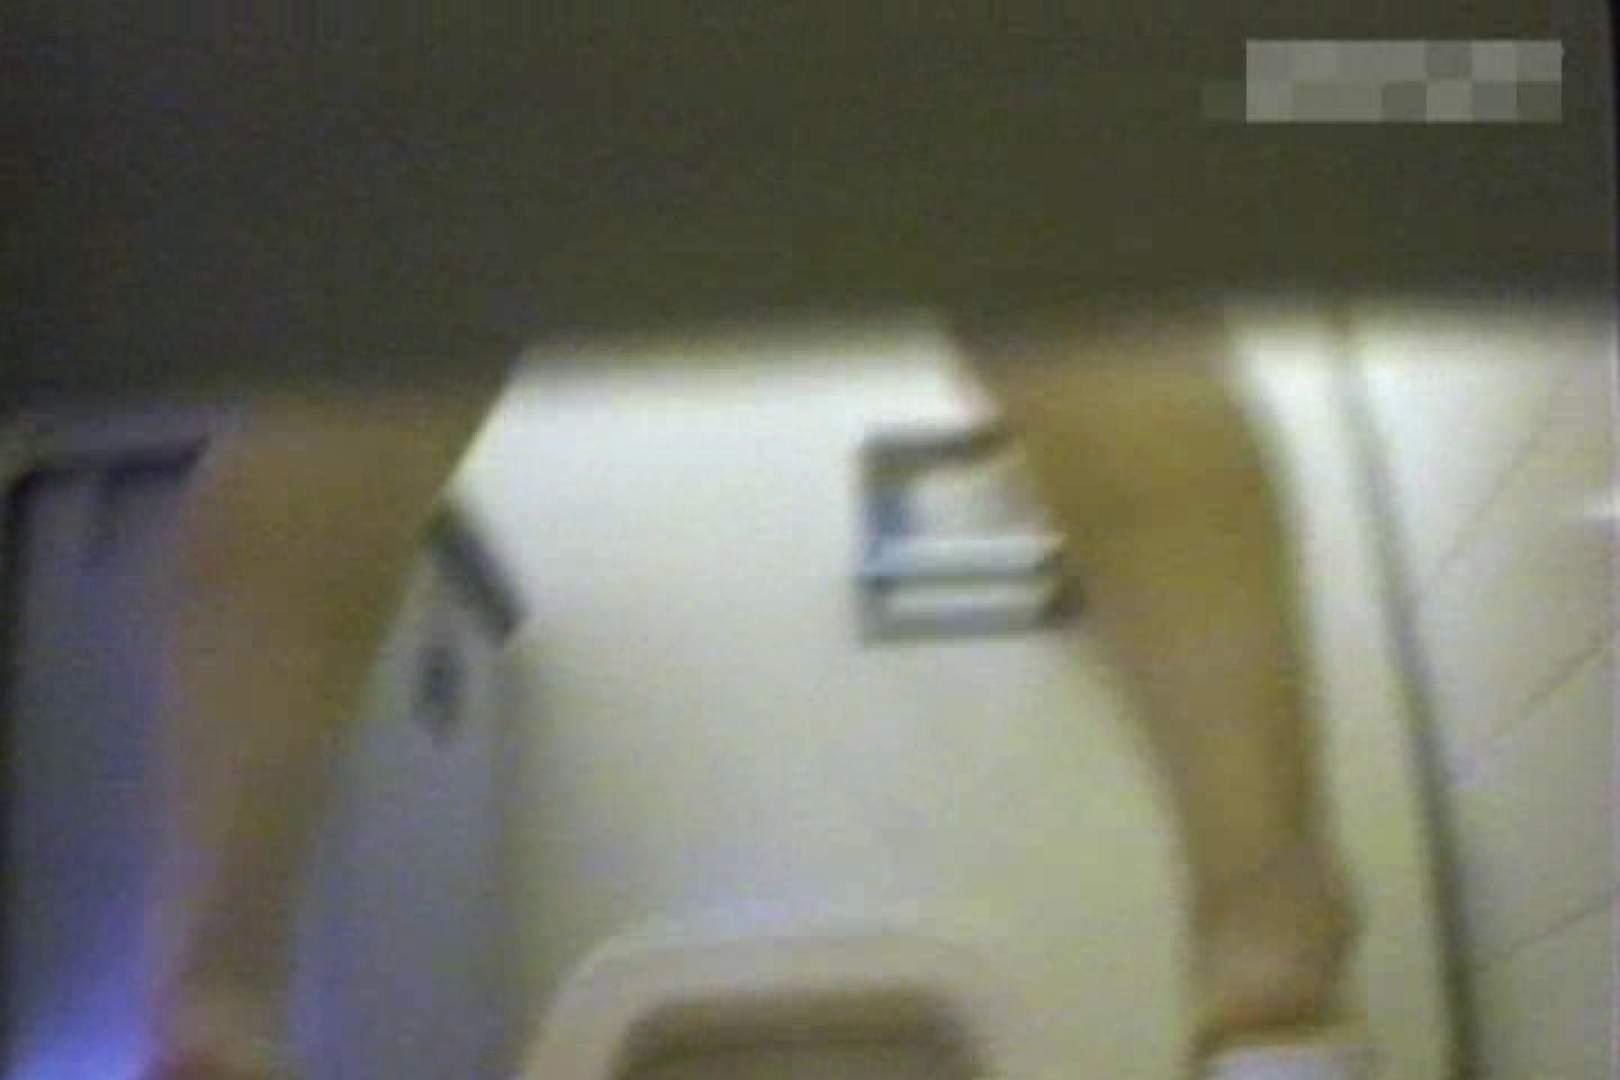 個室狂いのマニア映像Vol.2 OLヌード天国   ギャル  77PIX 49